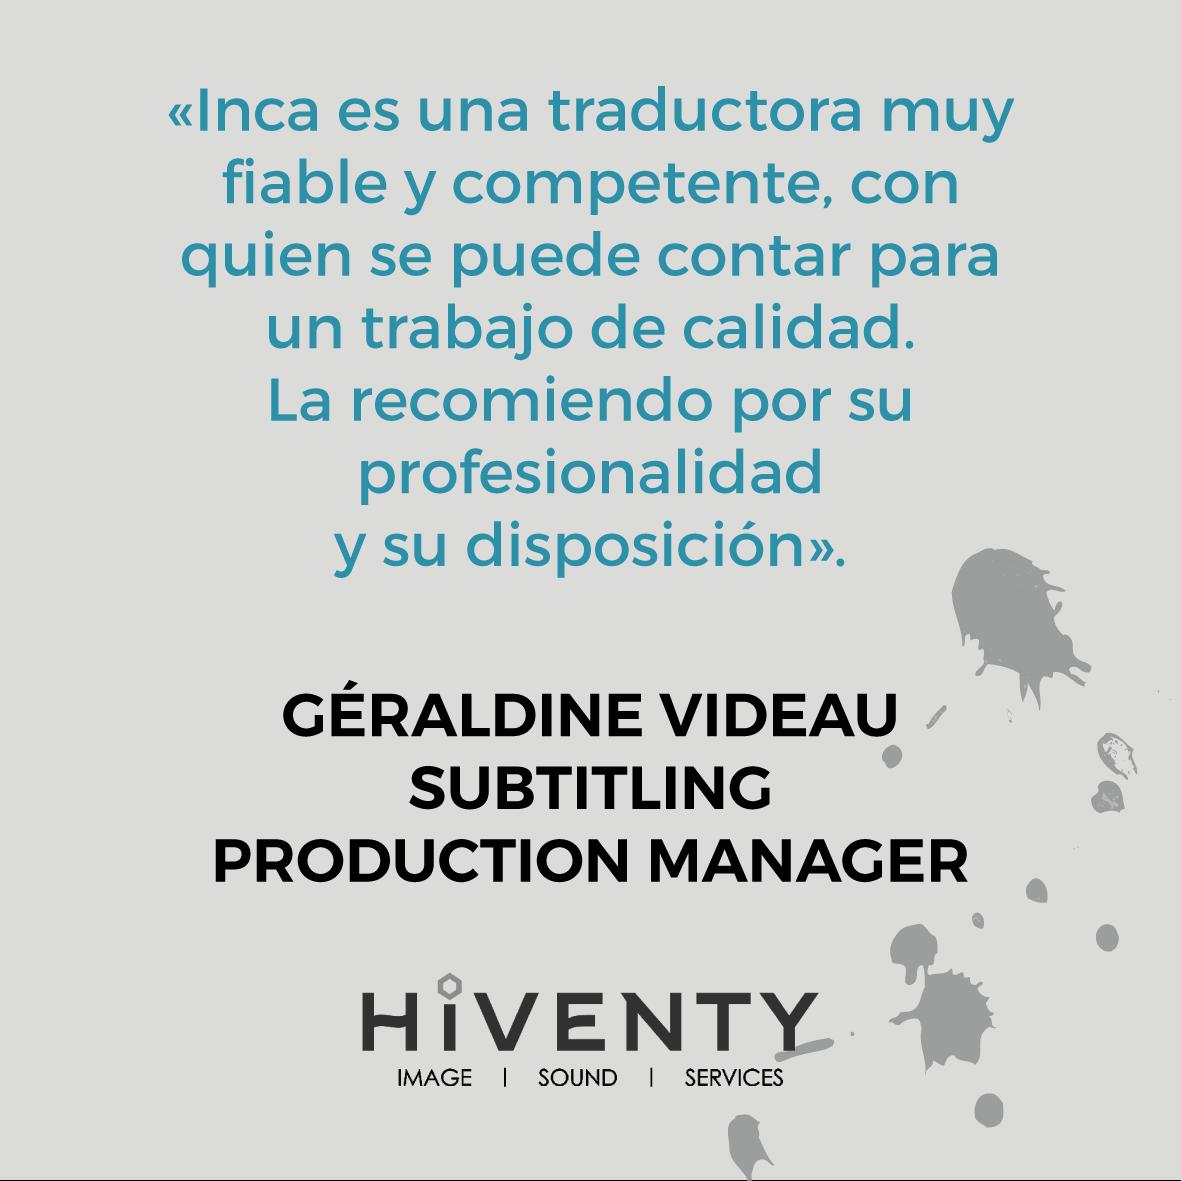 Opinión - Hiventy